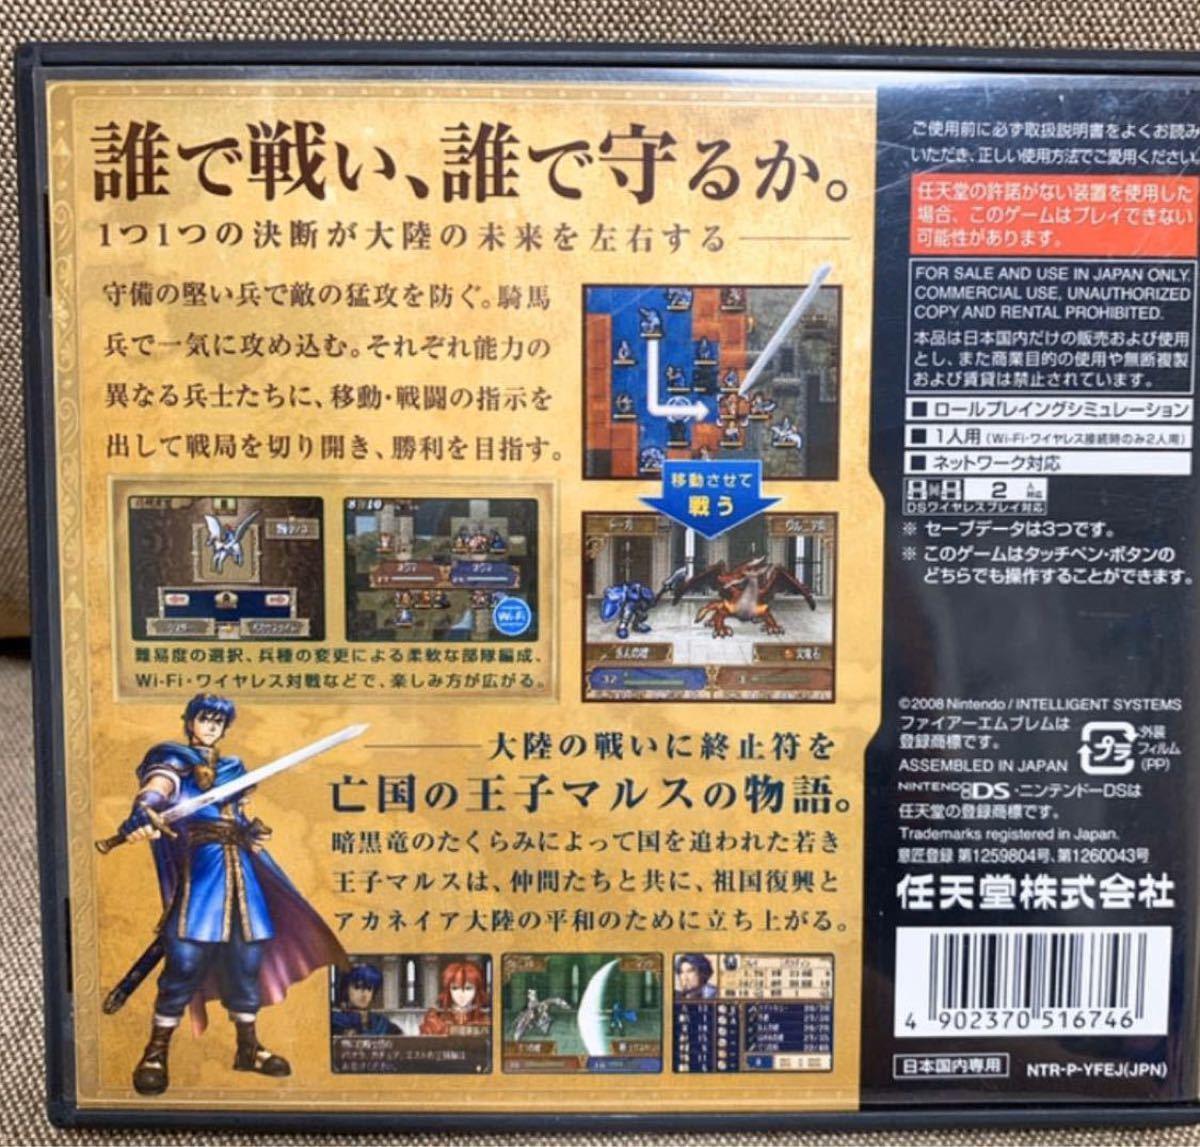 ファイアーエムブレム新・暗黒竜と光の剣 DSソフト